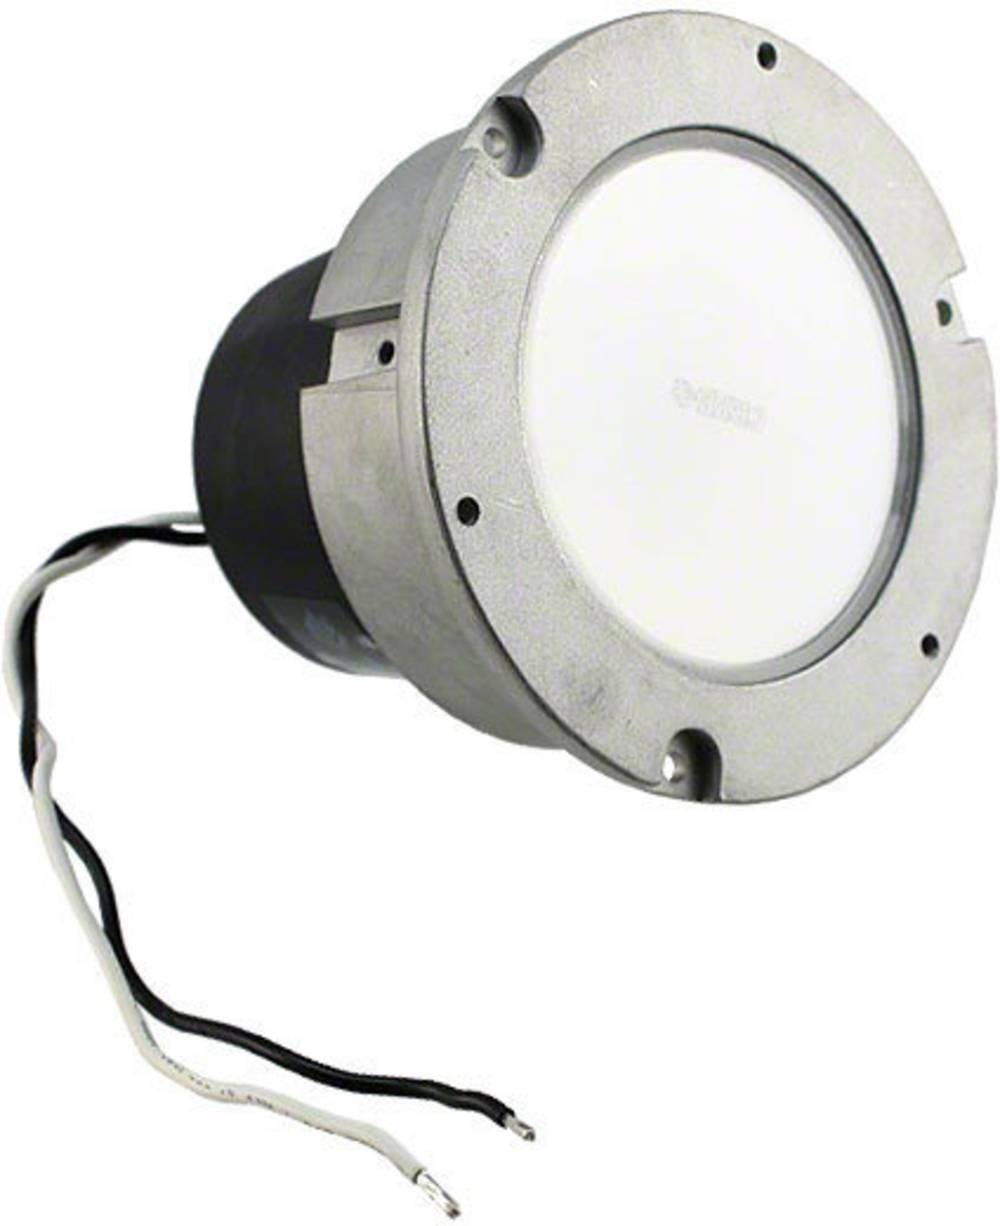 HighPower LED modul, nevtralno bela 10 W 650 lm 120 V CREE LMR020-0650-40F9-10100TW